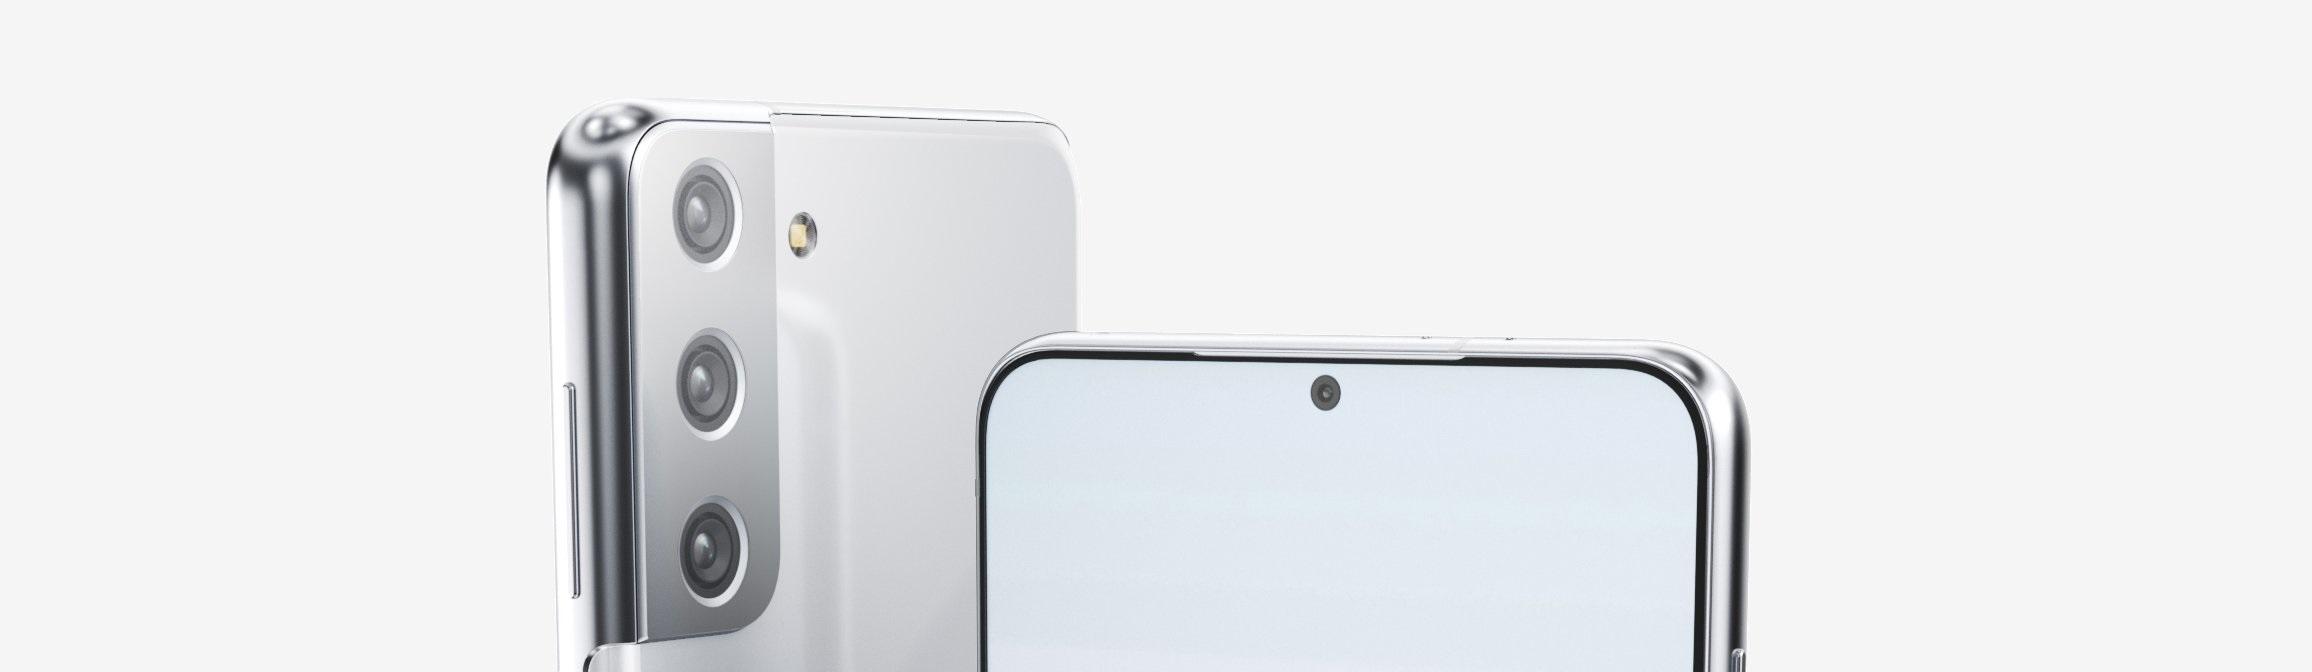 Samsung Galaxy S21+ - render z przecieków.